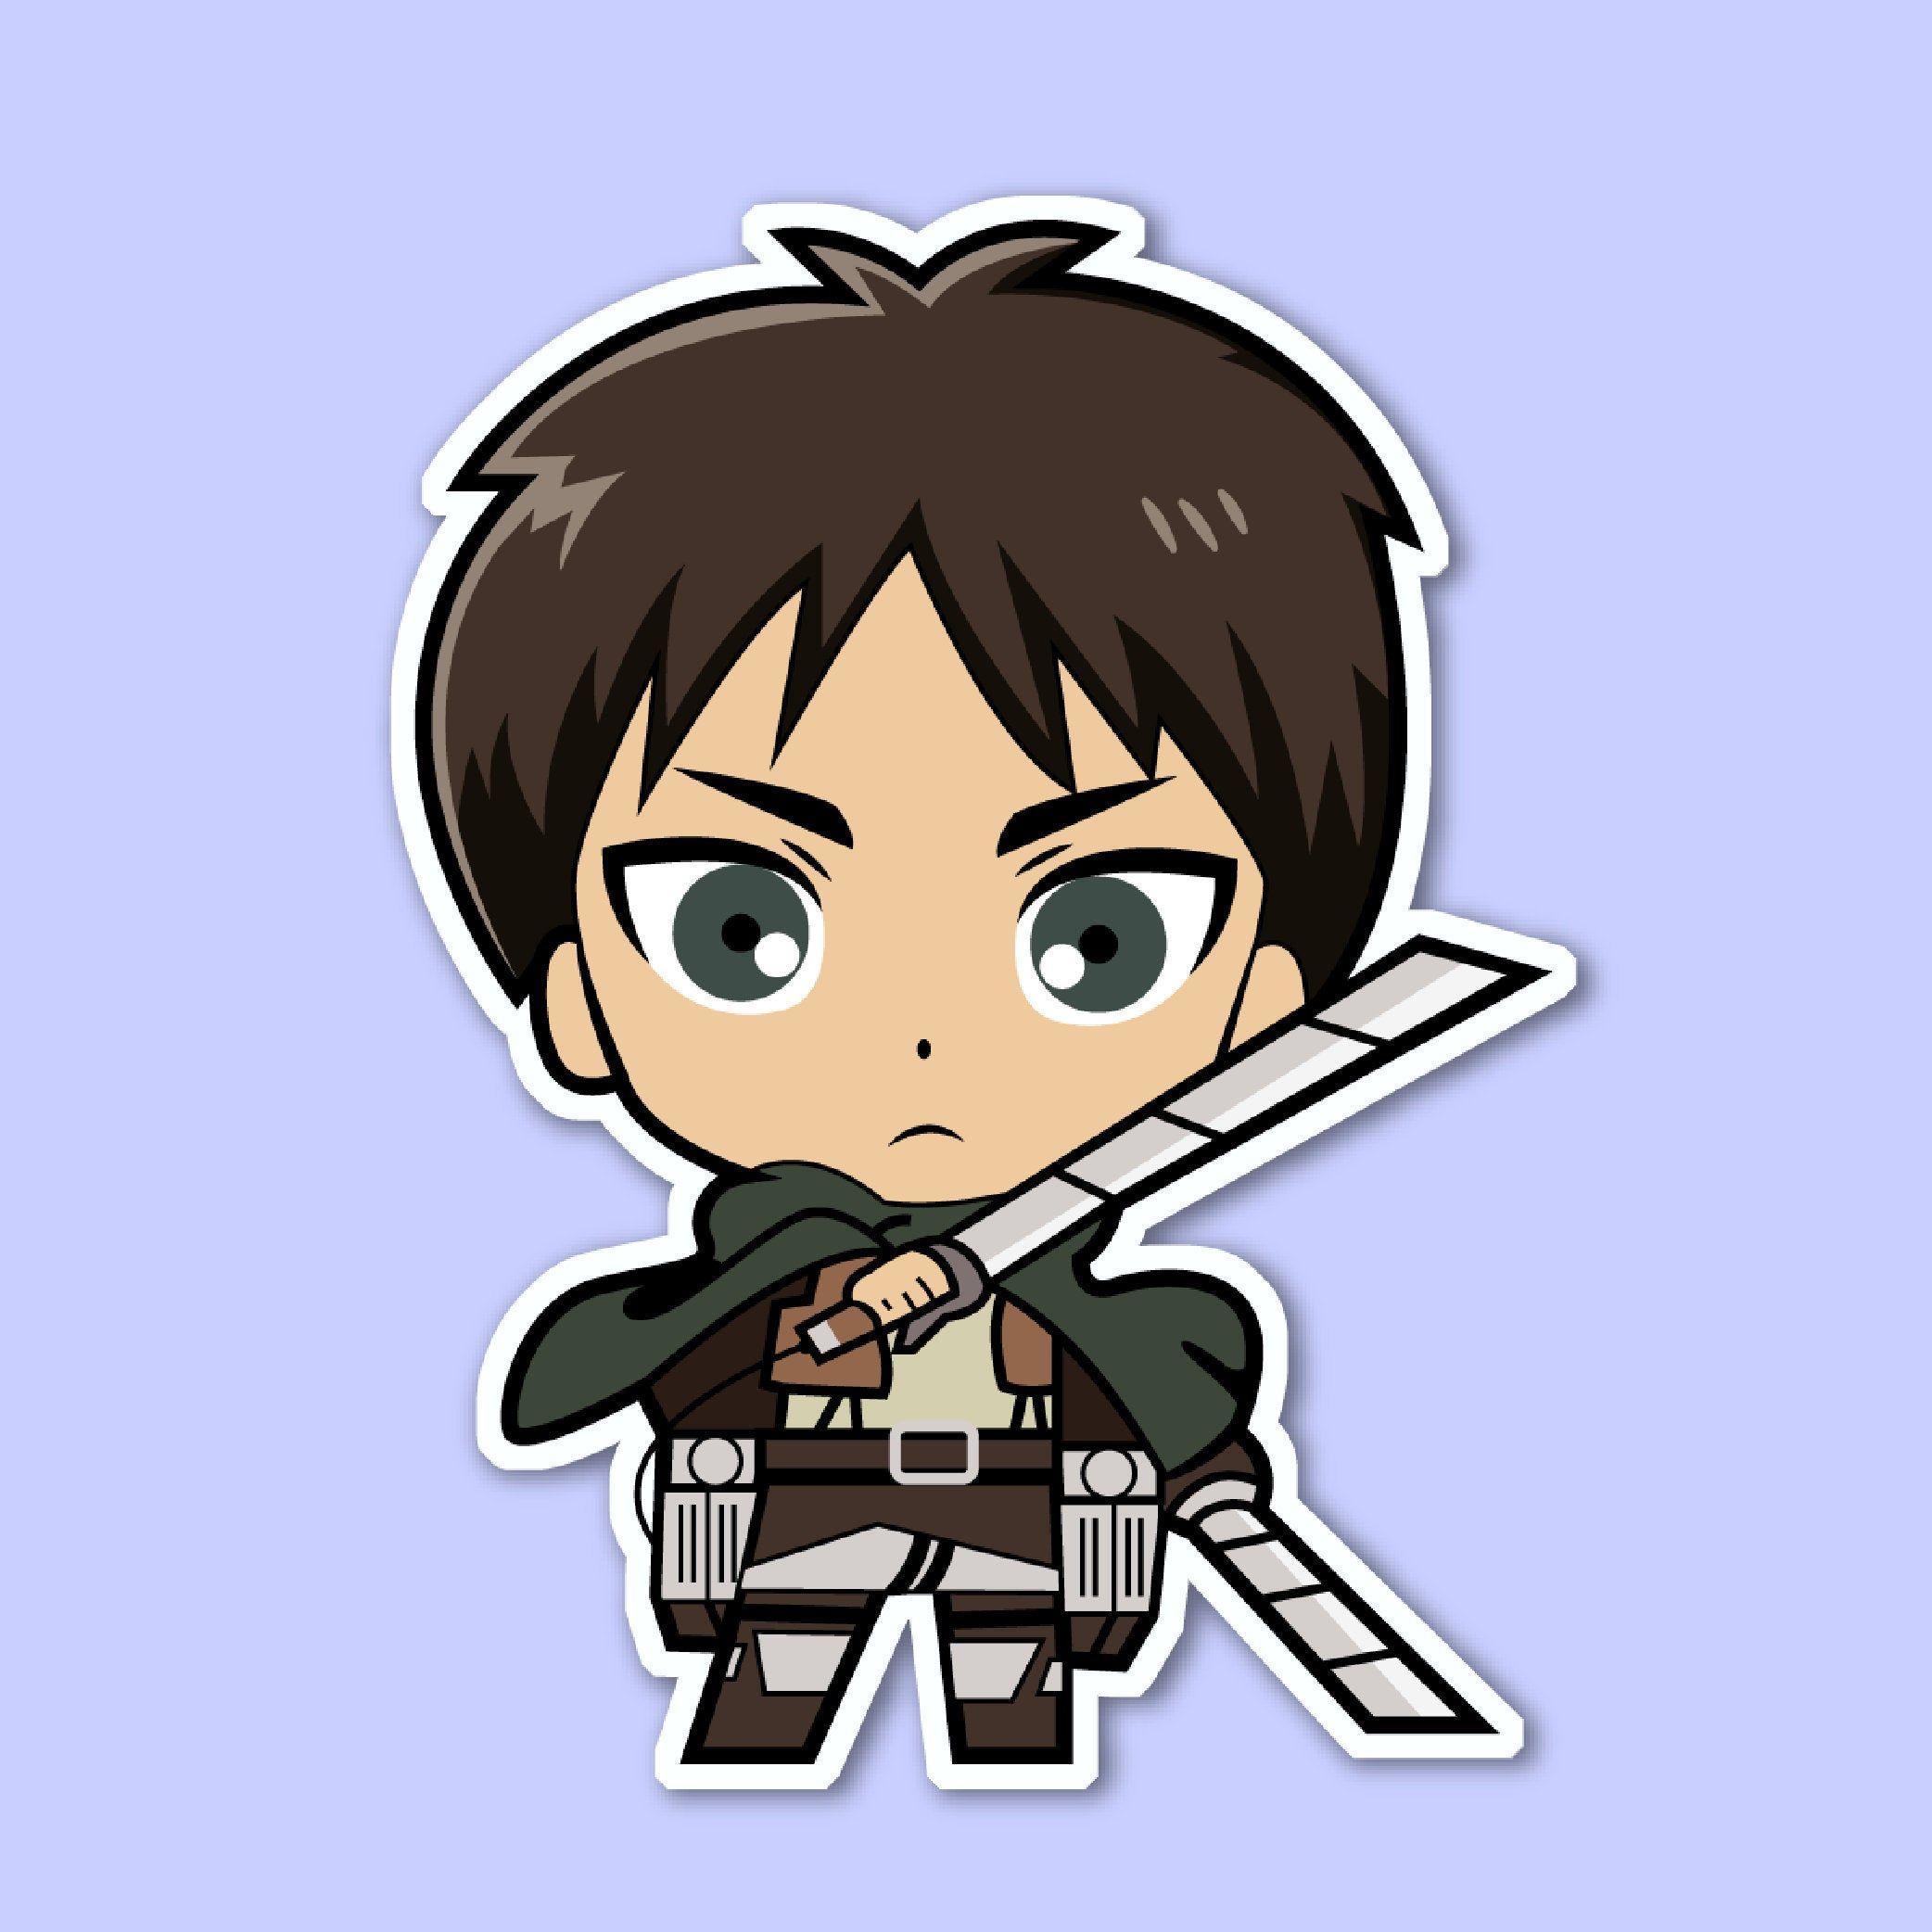 eren yeager sticker attack on titan anime stickers